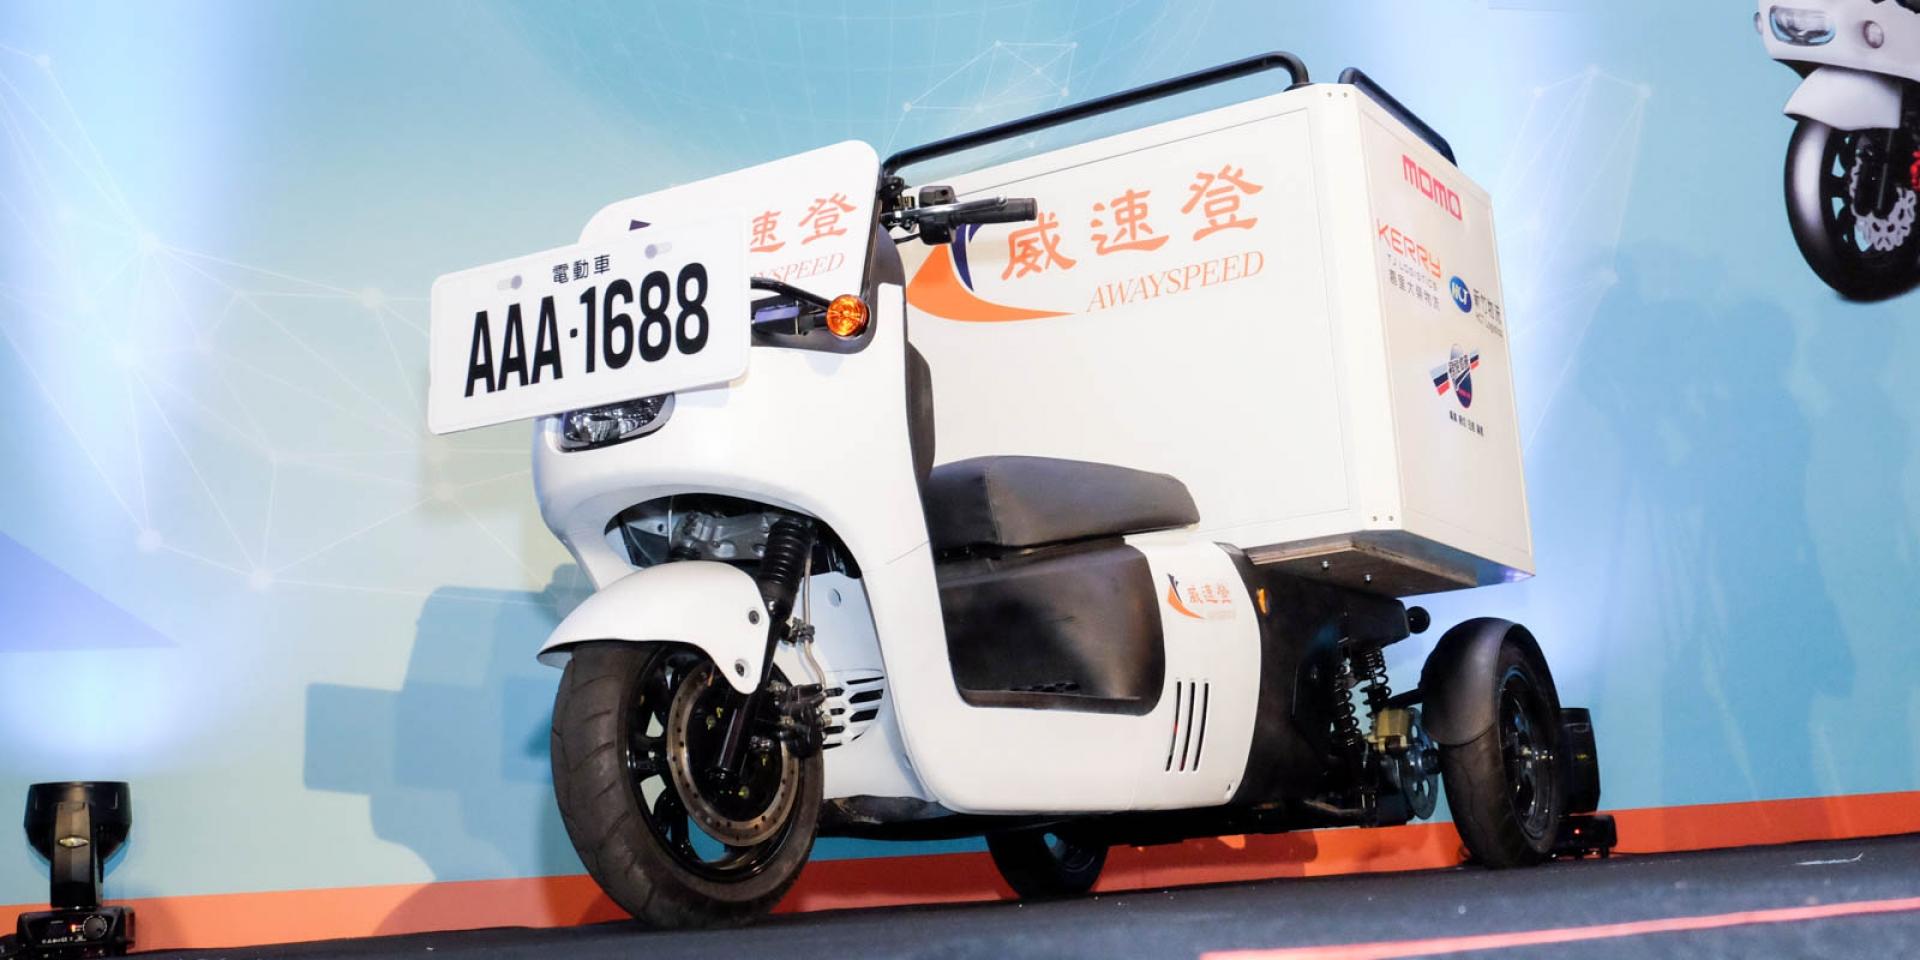 威速登發表「三輪電動商用車」載重200公斤,容積800公升,載台多變化!